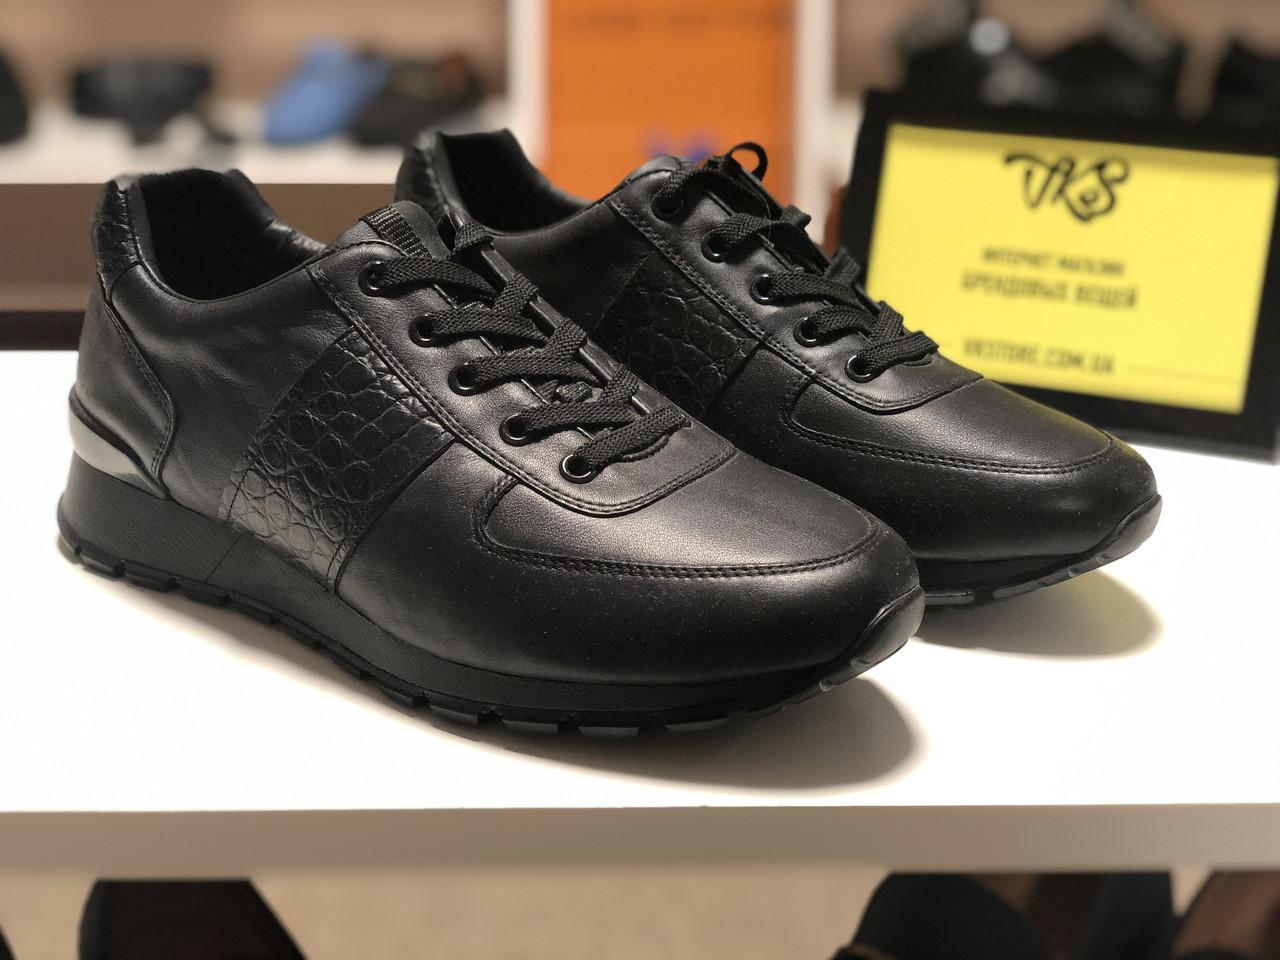 Купить кроссовки мужские - Prada (Прада) арт. 42-37